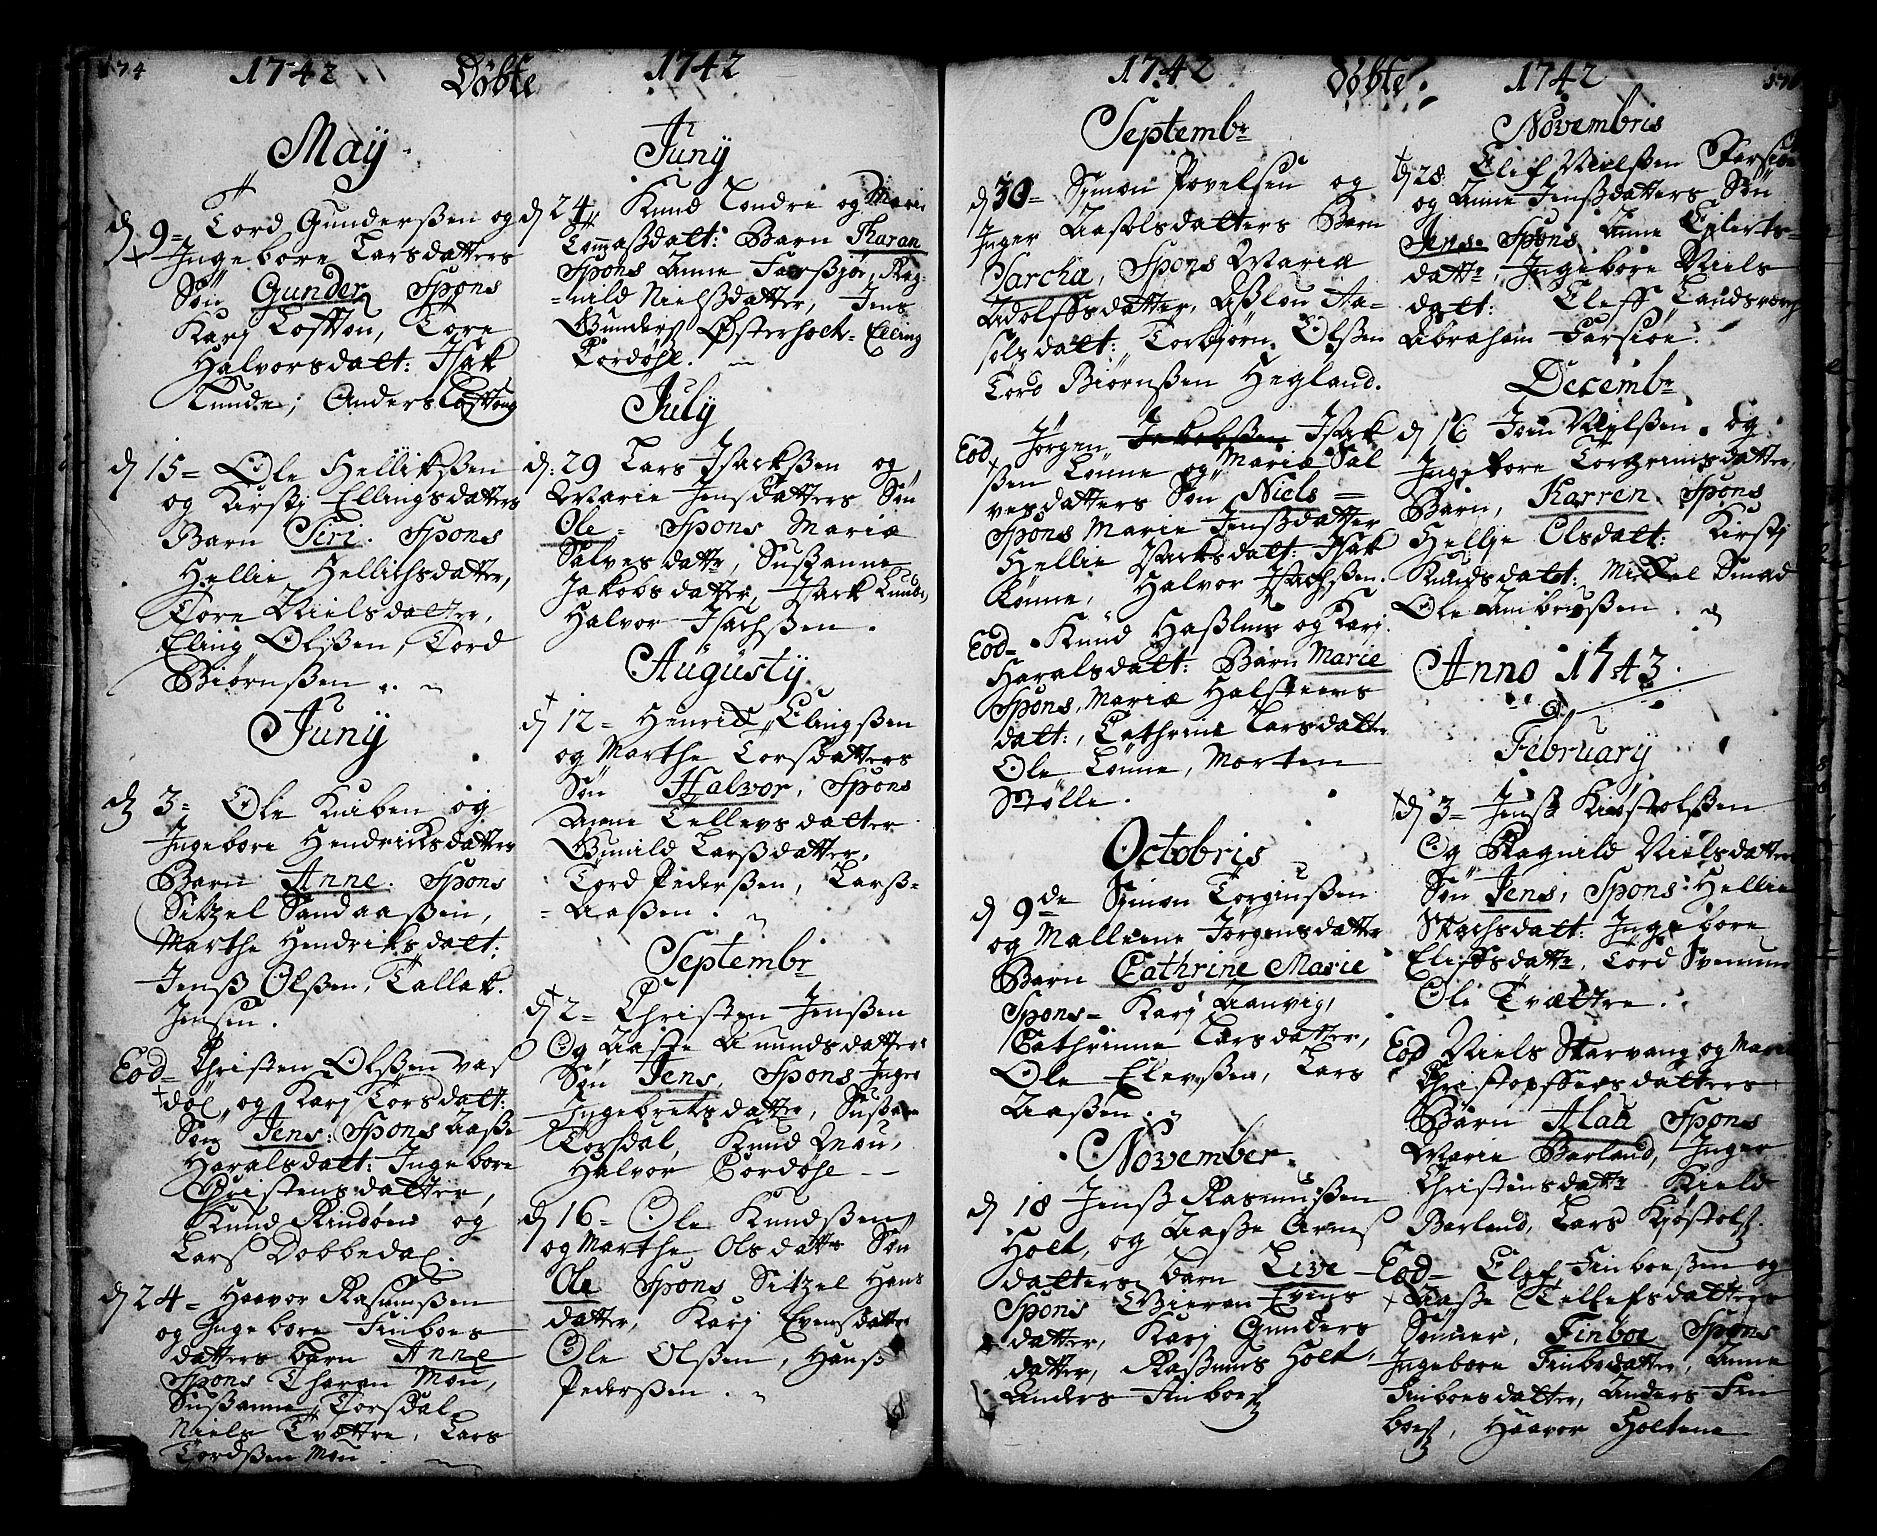 SAKO, Sannidal kirkebøker, F/Fa/L0001: Ministerialbok nr. 1, 1702-1766, s. 174-175